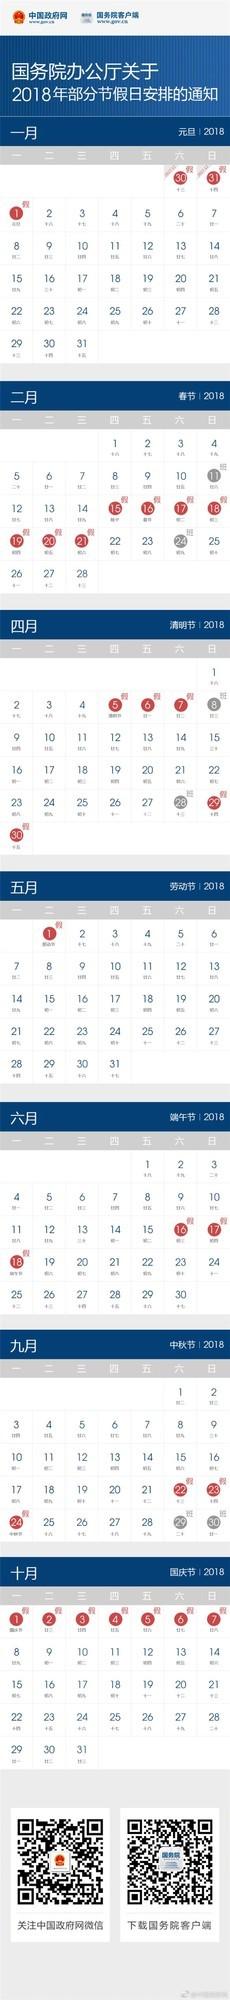 国务院办公厅公布2018年节假日安排